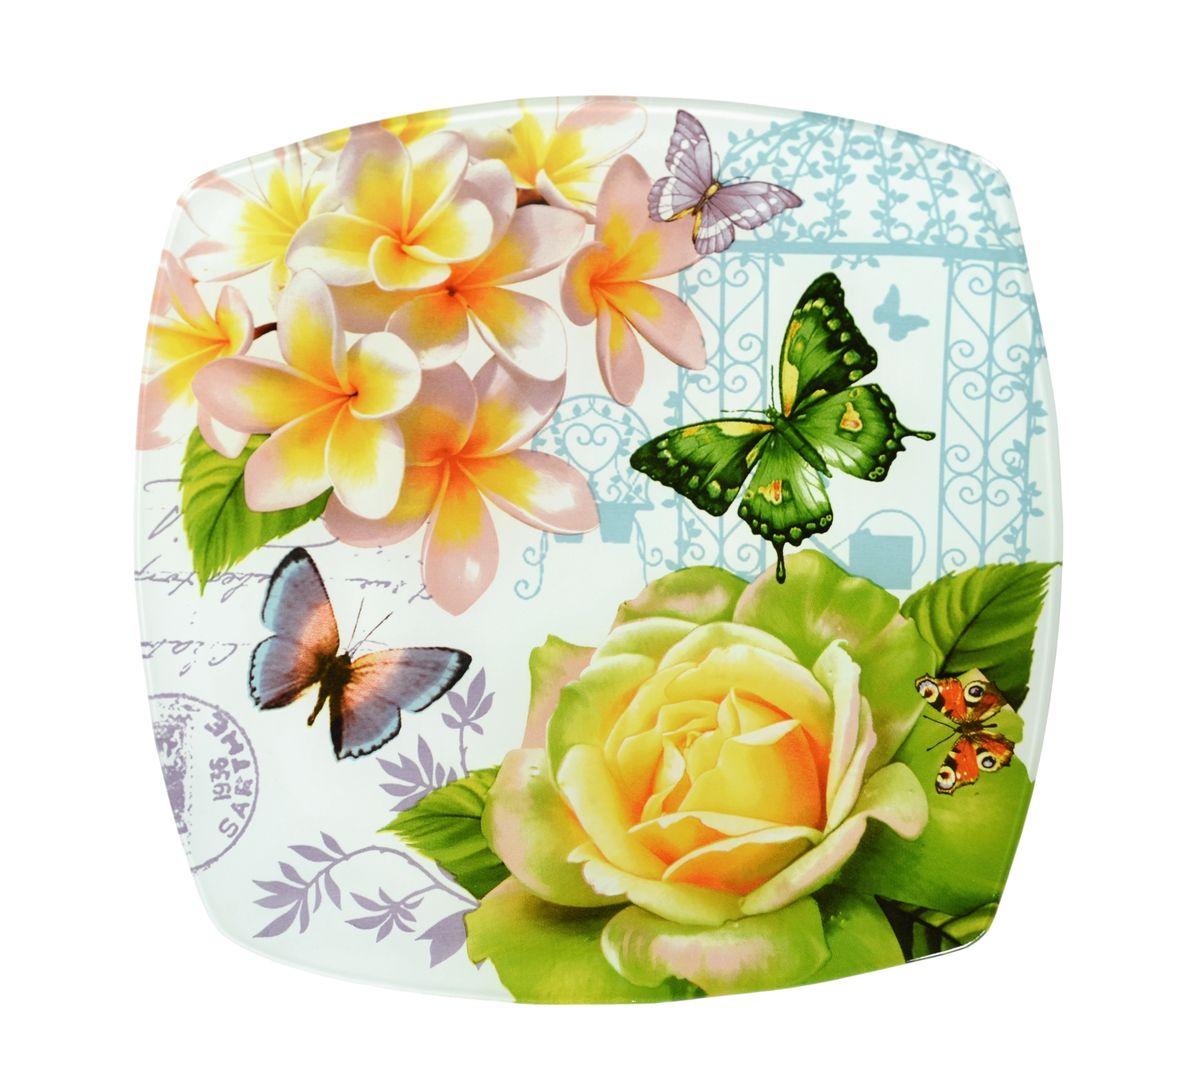 Тарелка Zibo Shelley Бабочки, 25 см х 25 смZSBB350010BКвадратная тарелка Zibo Shelley Бабочки, изготовленная из стекла, декорирована ярким изображением. Она не только украсит сервировку вашего стола и подчеркнет прекрасный вкус хозяина, но и станет отличным подарком. Можно использовать в посудомоечной машине и СВЧ. Размер по верхнему краю: 25 см х 25 см. Высота: 1,9 см.